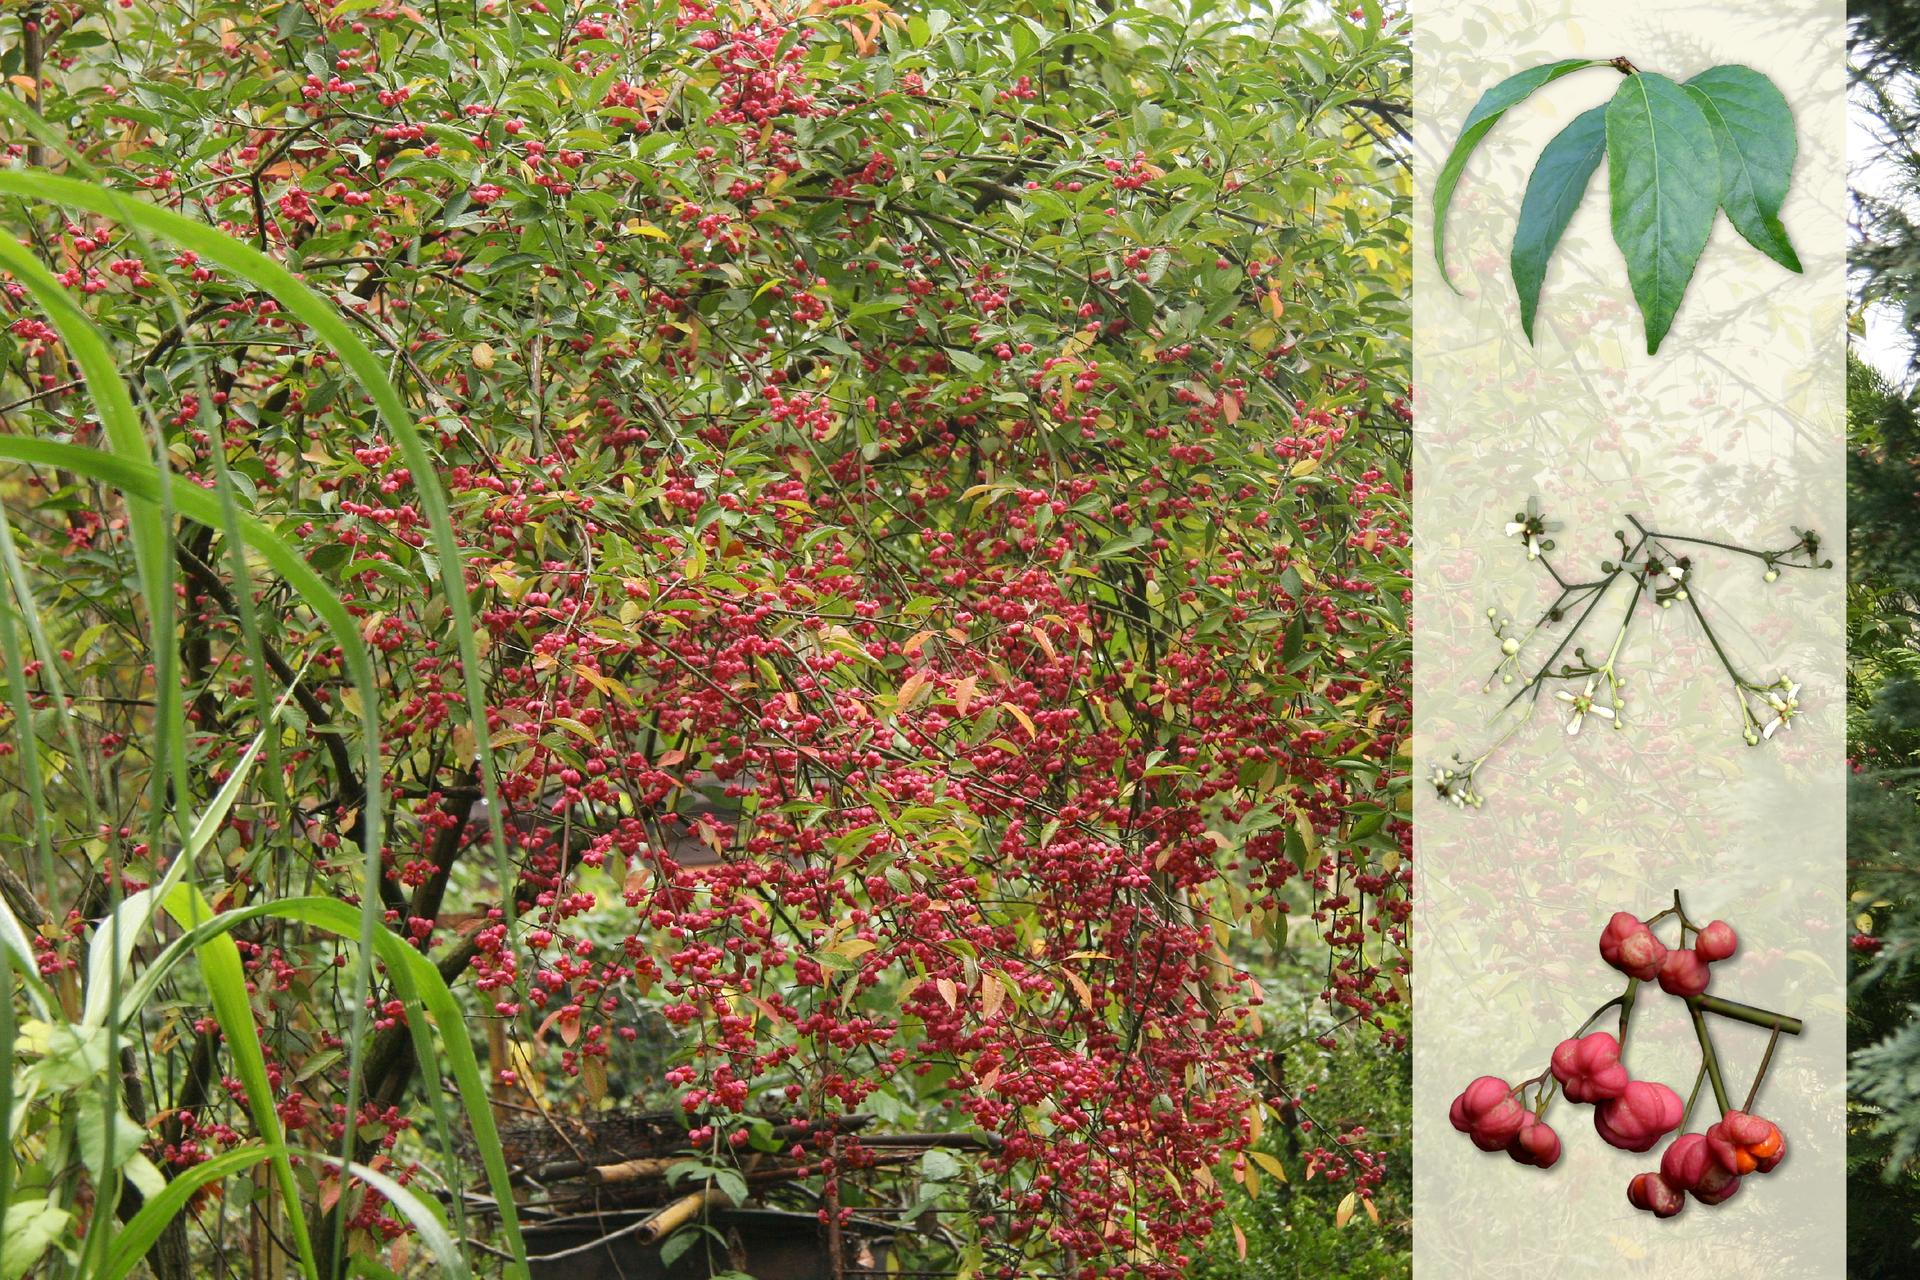 Fotografia przedstawia krzew trzmieliny zciemno różowymi kwiatami. Zprawej strony nałożony jaśniejszy pasek zfotografiami. Ugóry ciemno zielone, wąskie liście. Wśrodku liczne białe iżółtawe kulki – owoce. Udołu gałązka bez liści, zciemno różowymi kwiatami.